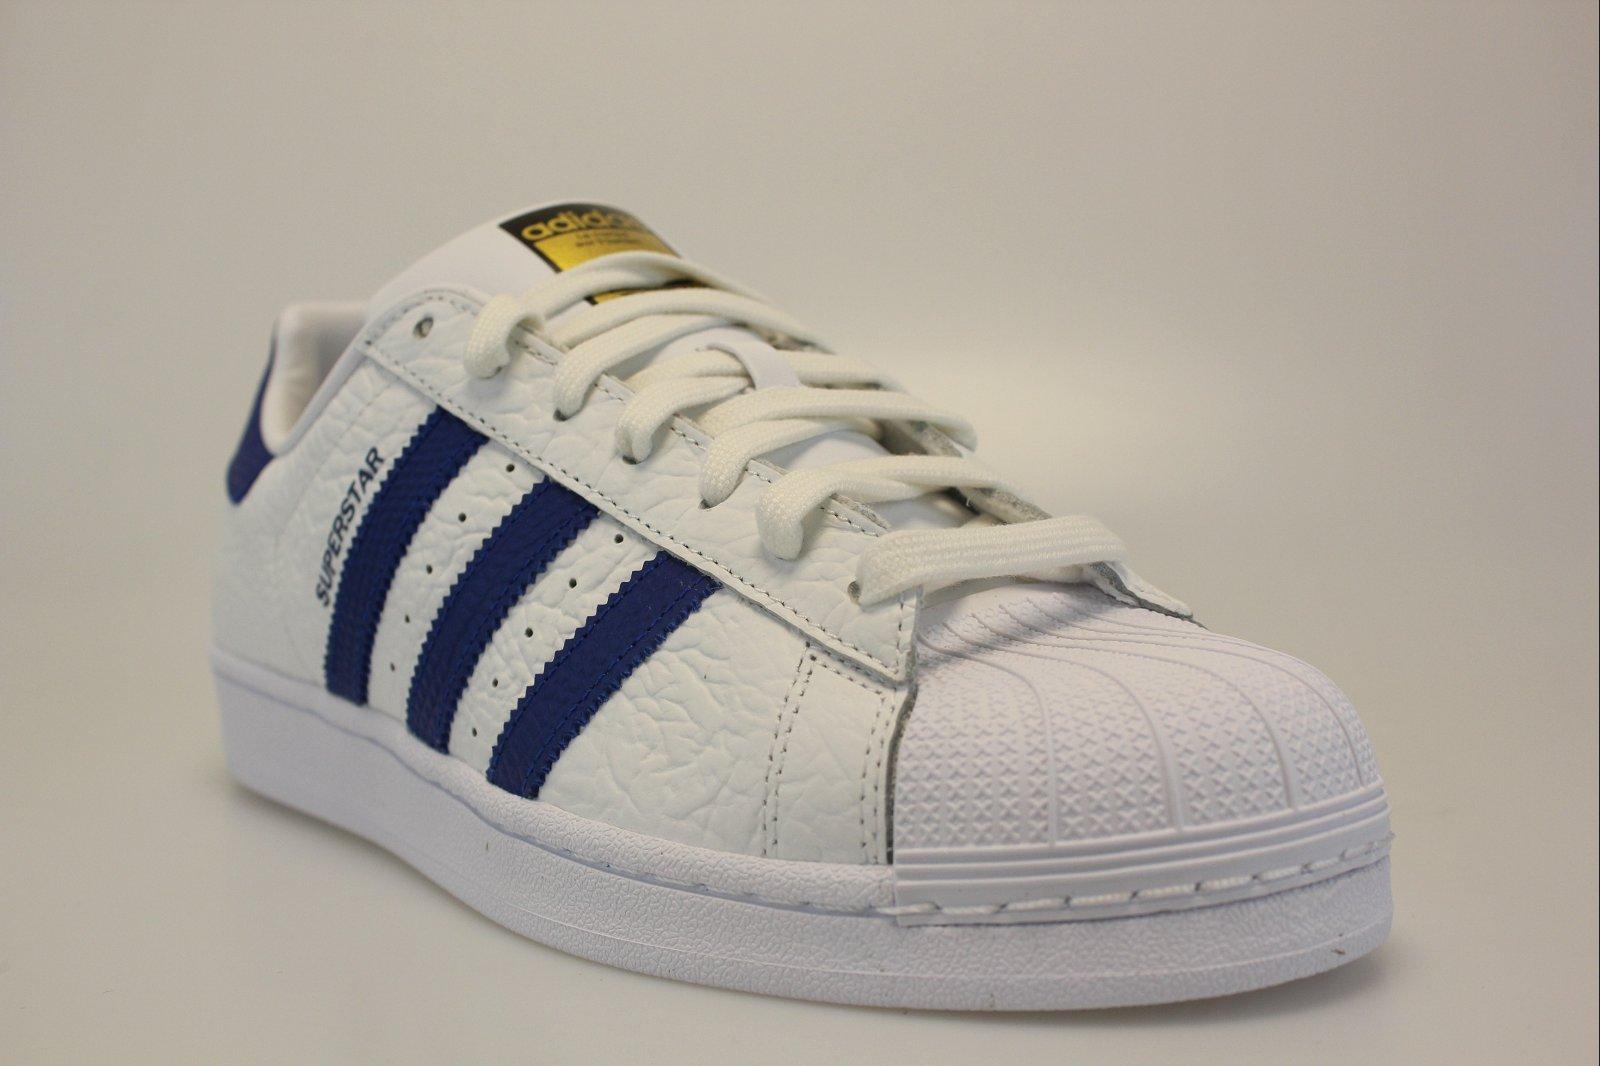 adidas superstar blanche bleu